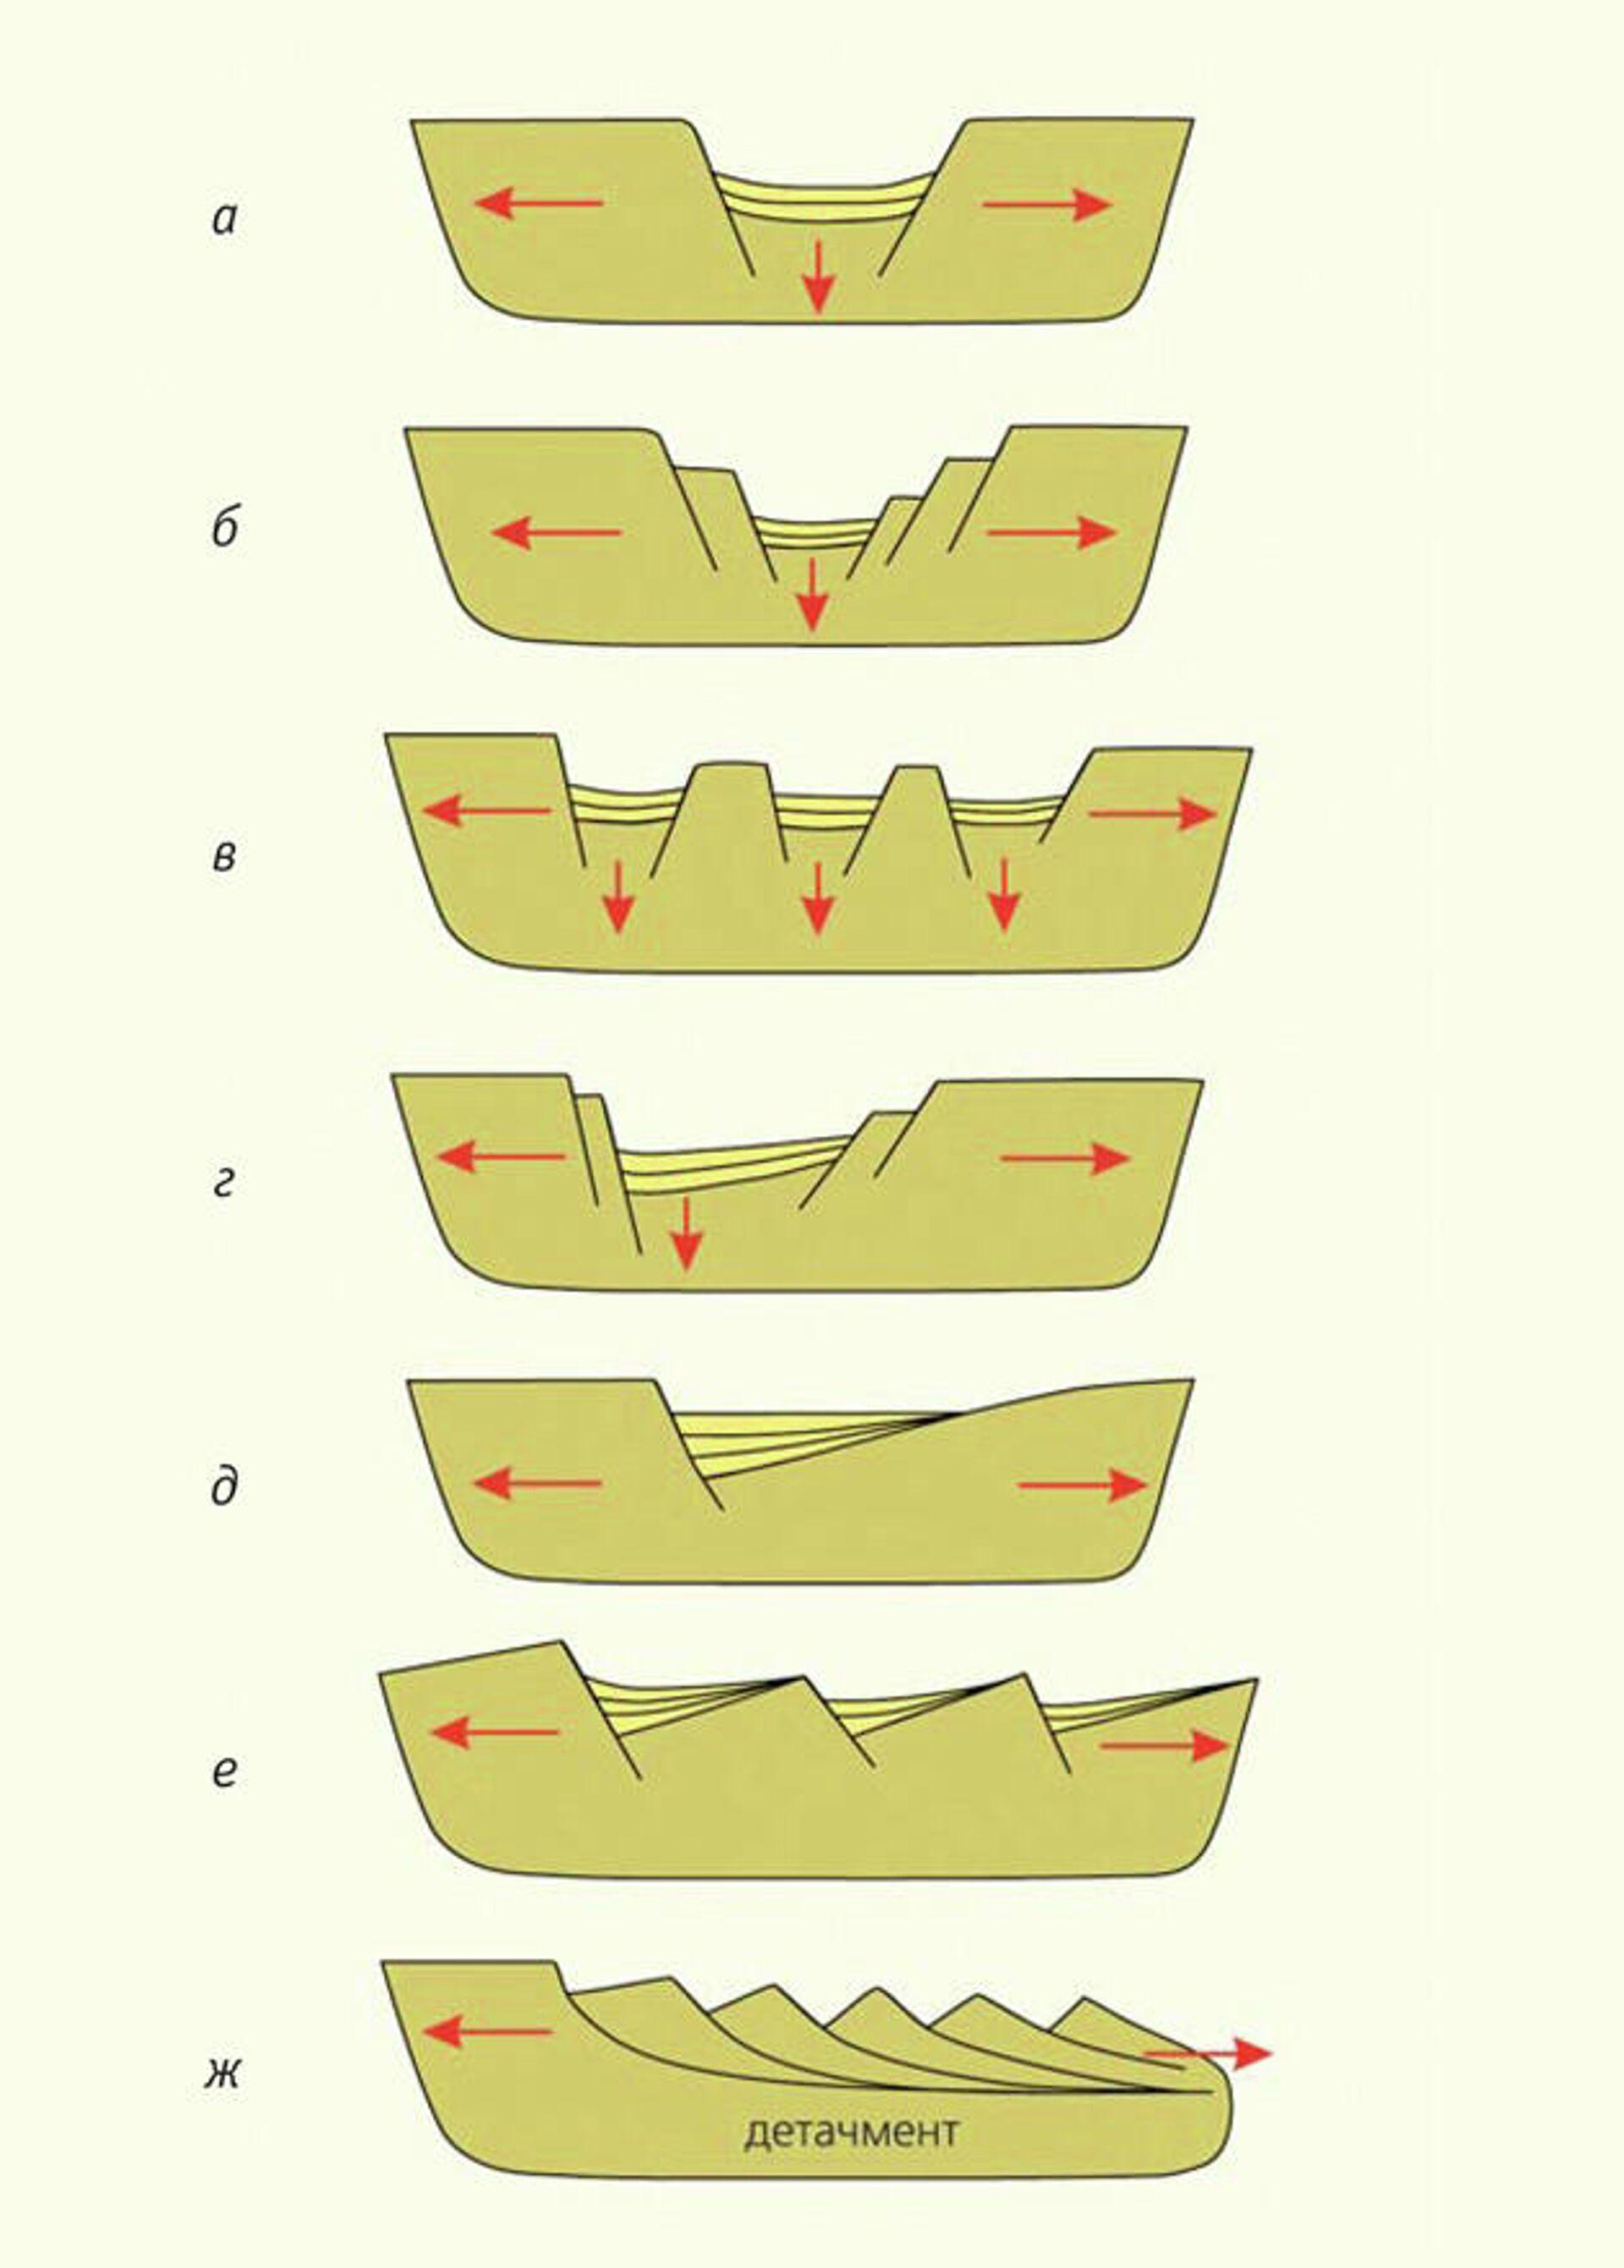 Грабеновые структуры рифтовых впадин: а — простой симметричный грабен; б — ступенчатый (телескопированный); в — клавиатура блоков; г — асимметричный грабен; д — полуграбен на наклонном блоке; е — комбинация полуграбенов; ж — система из односторонне наклоненных блоков, относительно смещенных по листрическим сбросам и опирающихся на субгоризонтальную поверхность срыва растяжения (детачмент) - РИА Новости, 1920, 22.09.2020